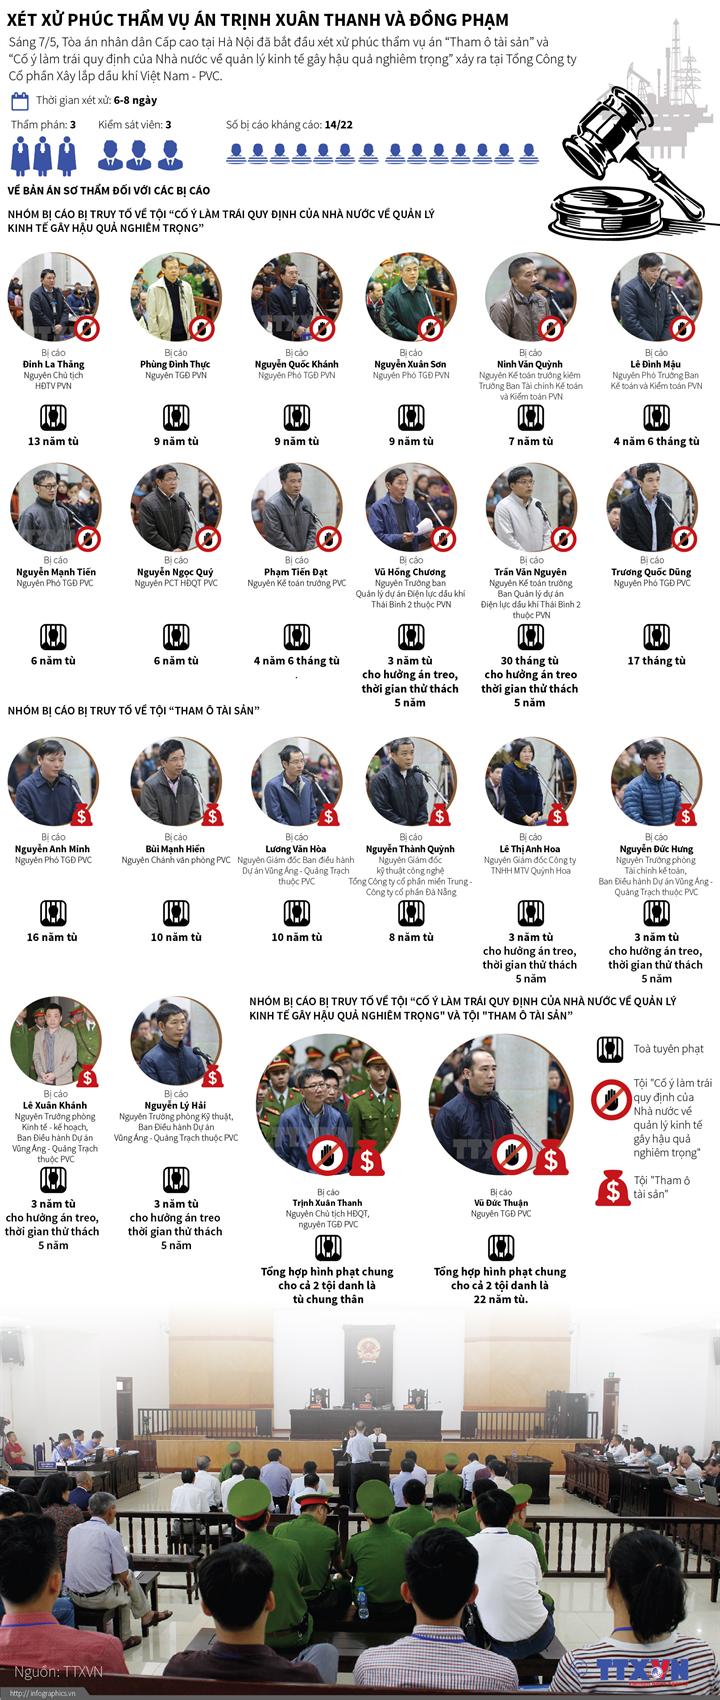 Xét xử phúc thẩm vụ án Trịnh Xuân Thanh và đồng phạm